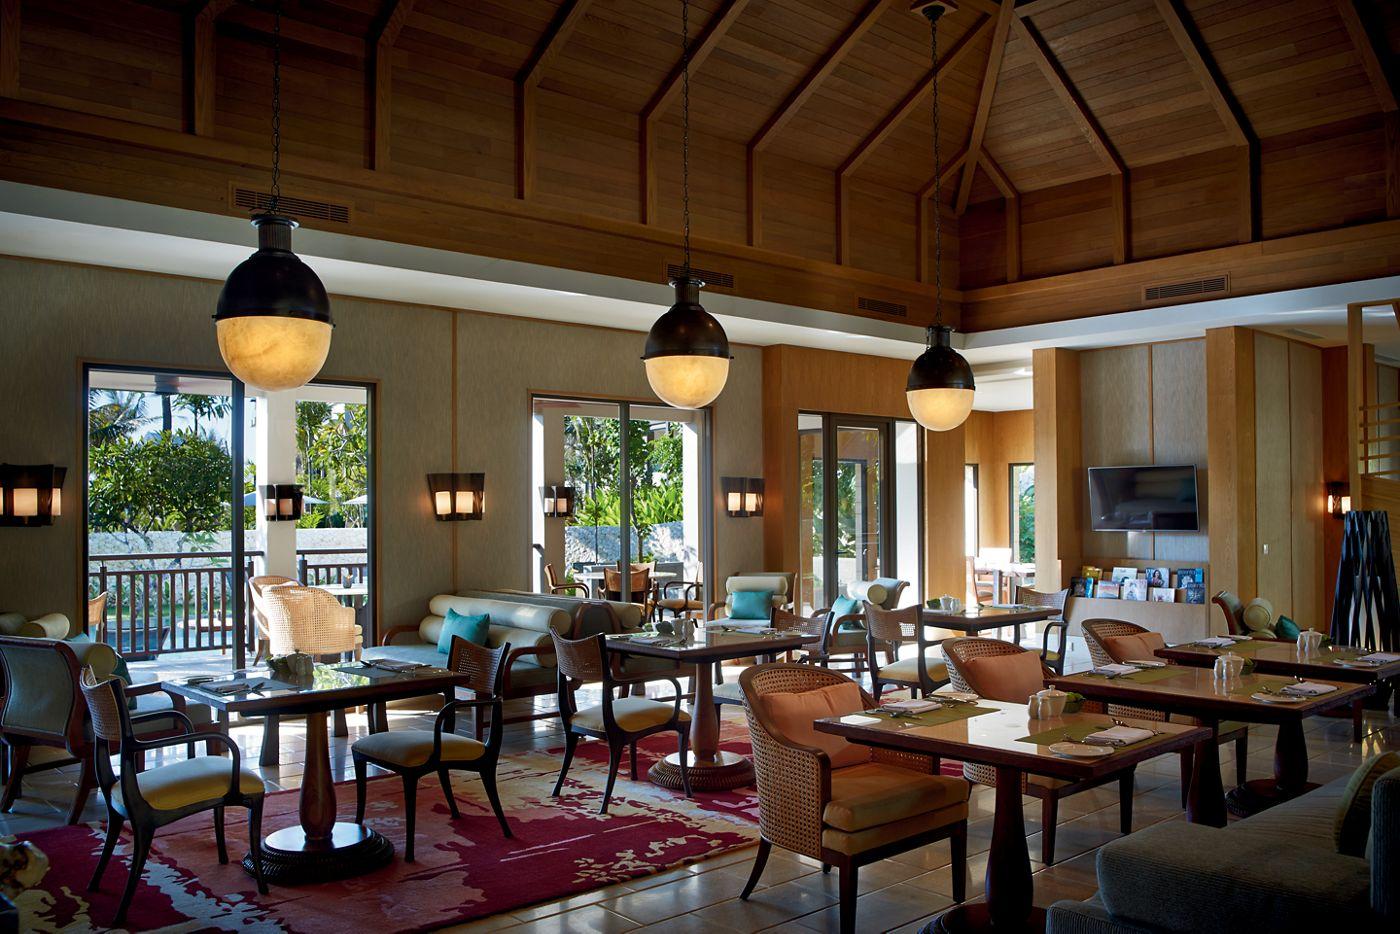 The Ritz-Carlton Club Bali, menawarkan kemewahan yang tak terlupakan. (Photo RCC Bali)